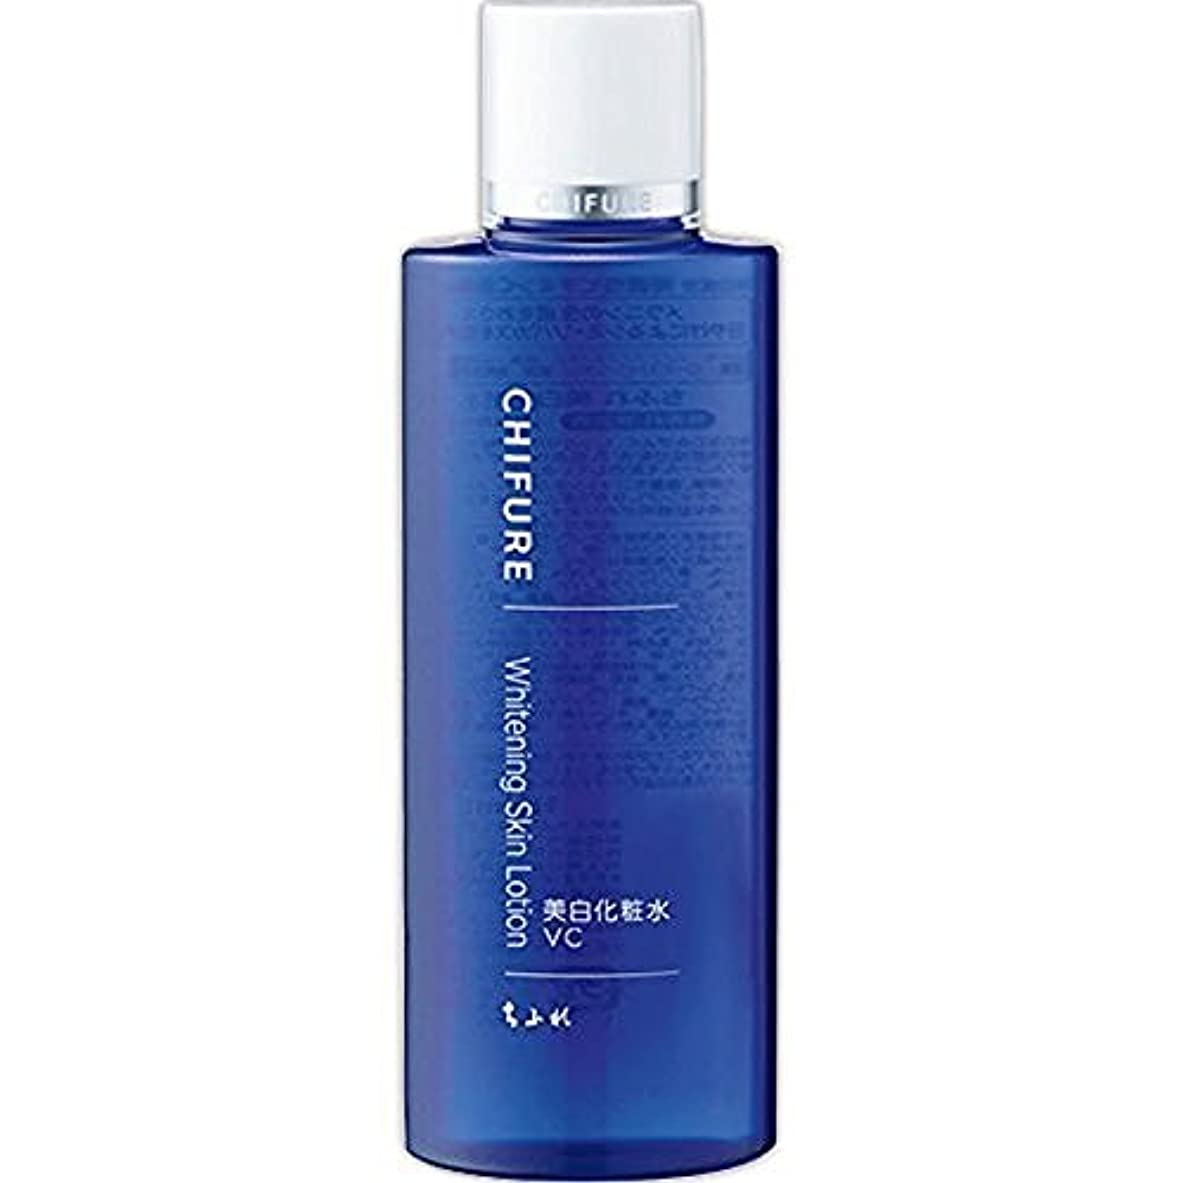 資源化合物クリークちふれ化粧品 美白化粧水 VC 180ML (医薬部外品)